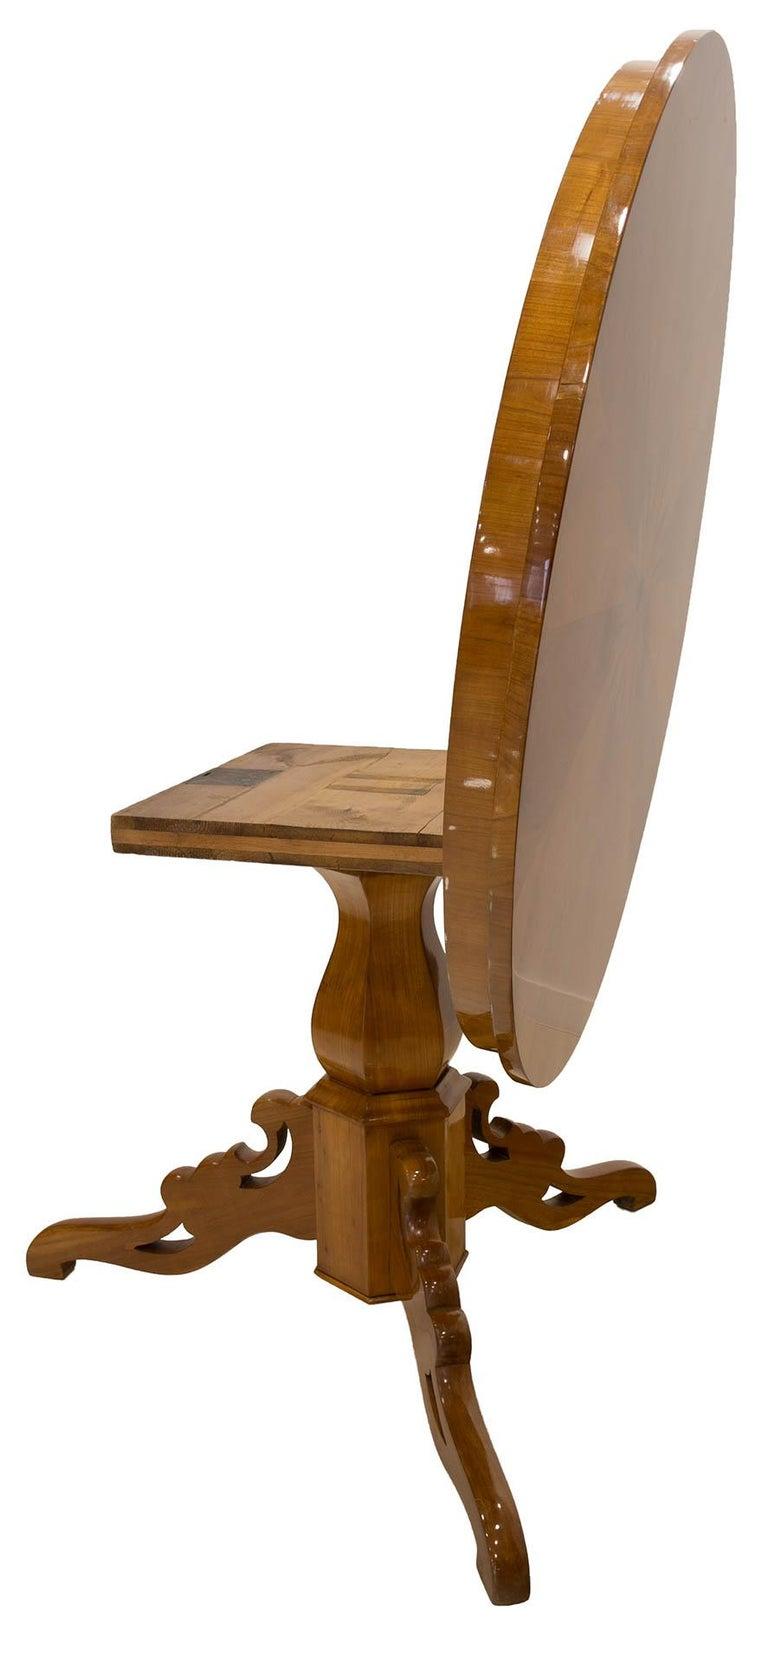 Biedermeier Round Table in Cherrywood Veneer, Germany, 19th Century 4